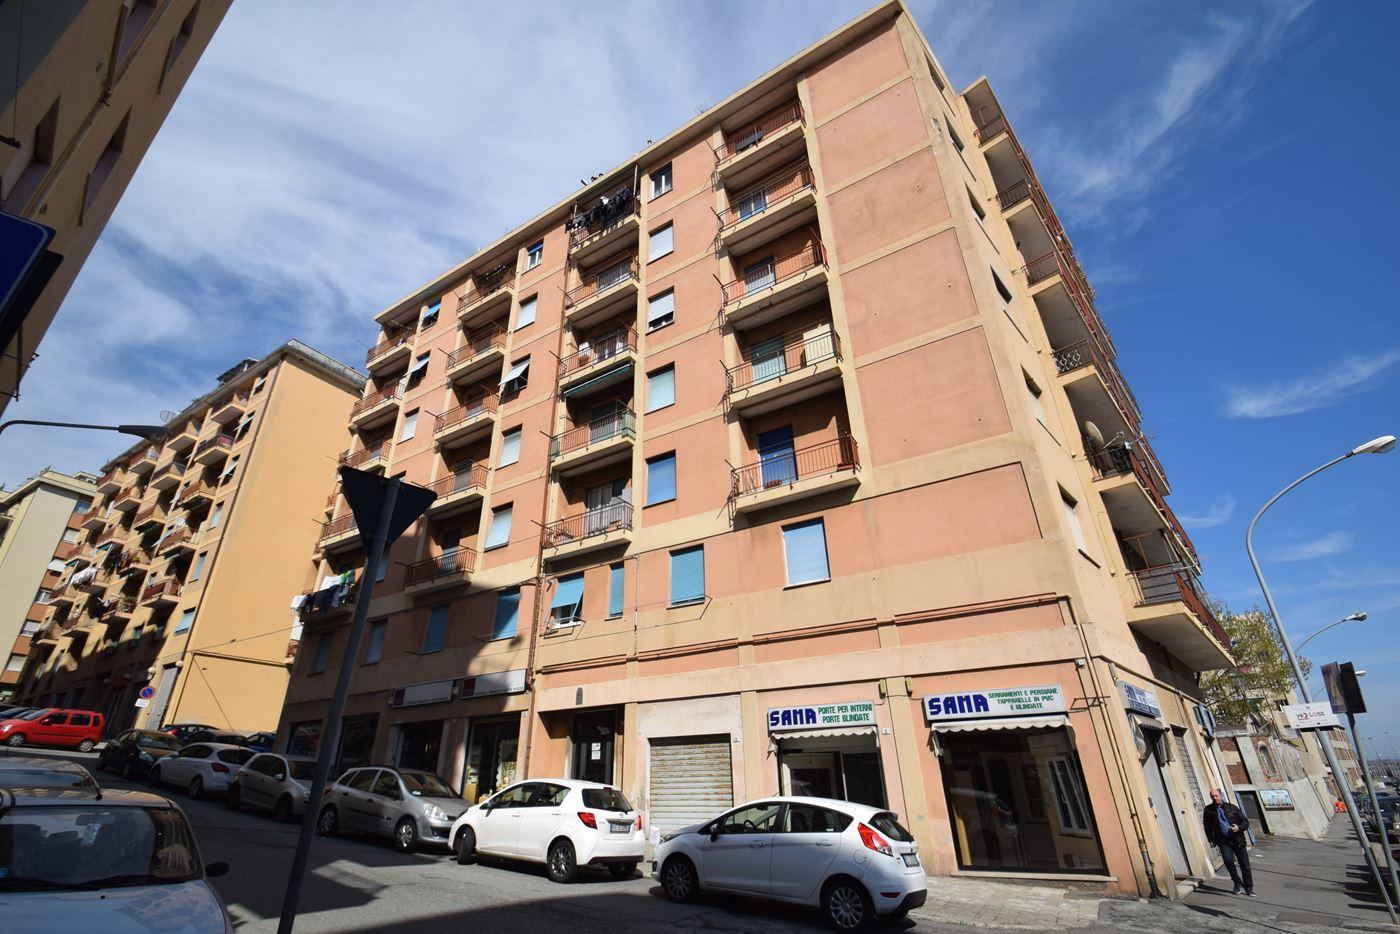 Vendita Porte A Genova appartamento vendita genova via calamandrei 14 voltri